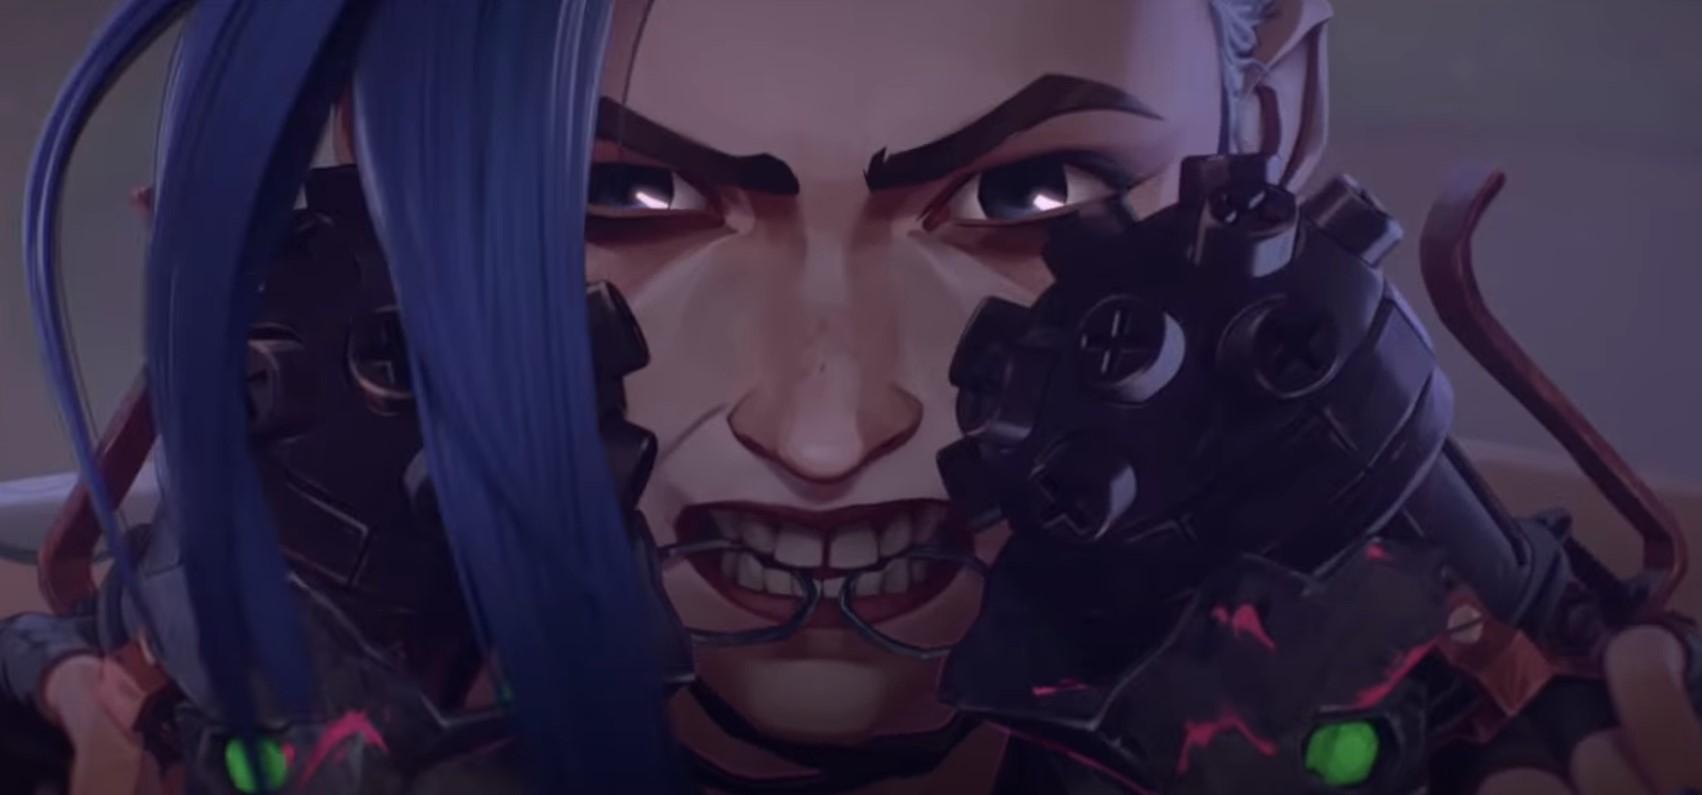 Аниме сериал по League of Legends выйдет в 2021 году под названием Arcane